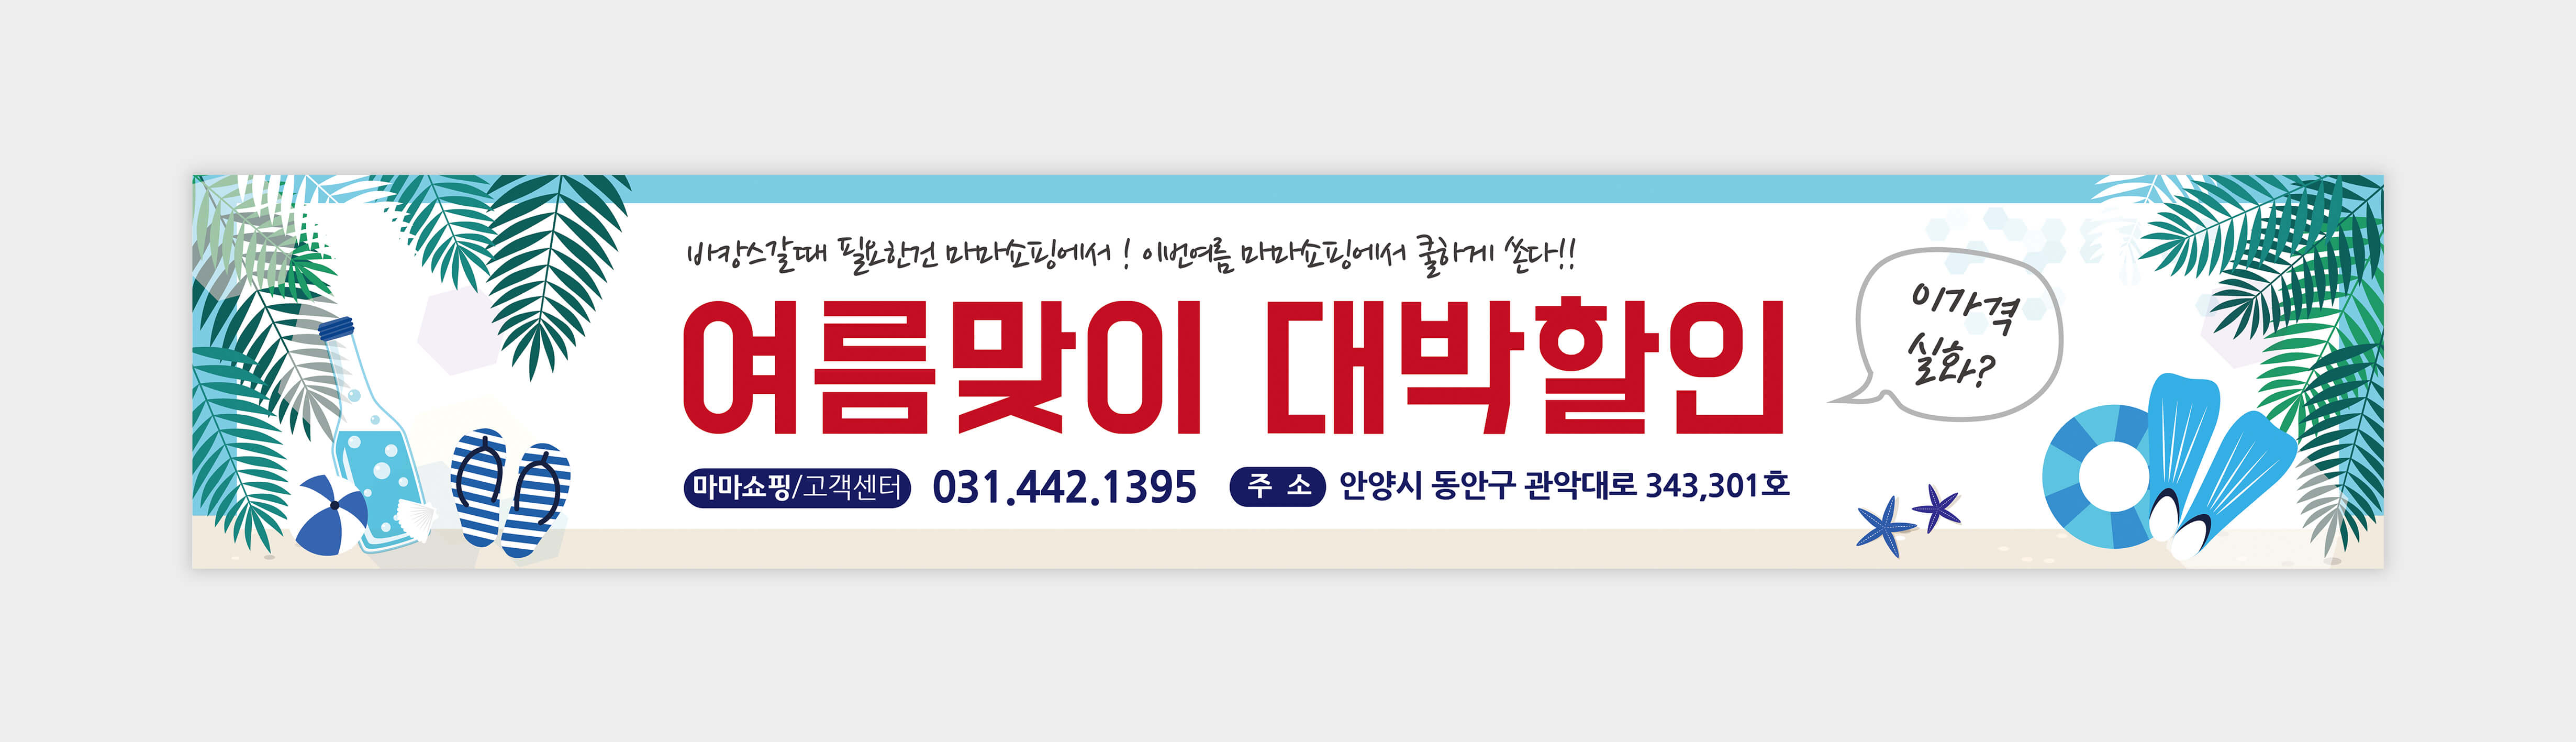 현수막_064